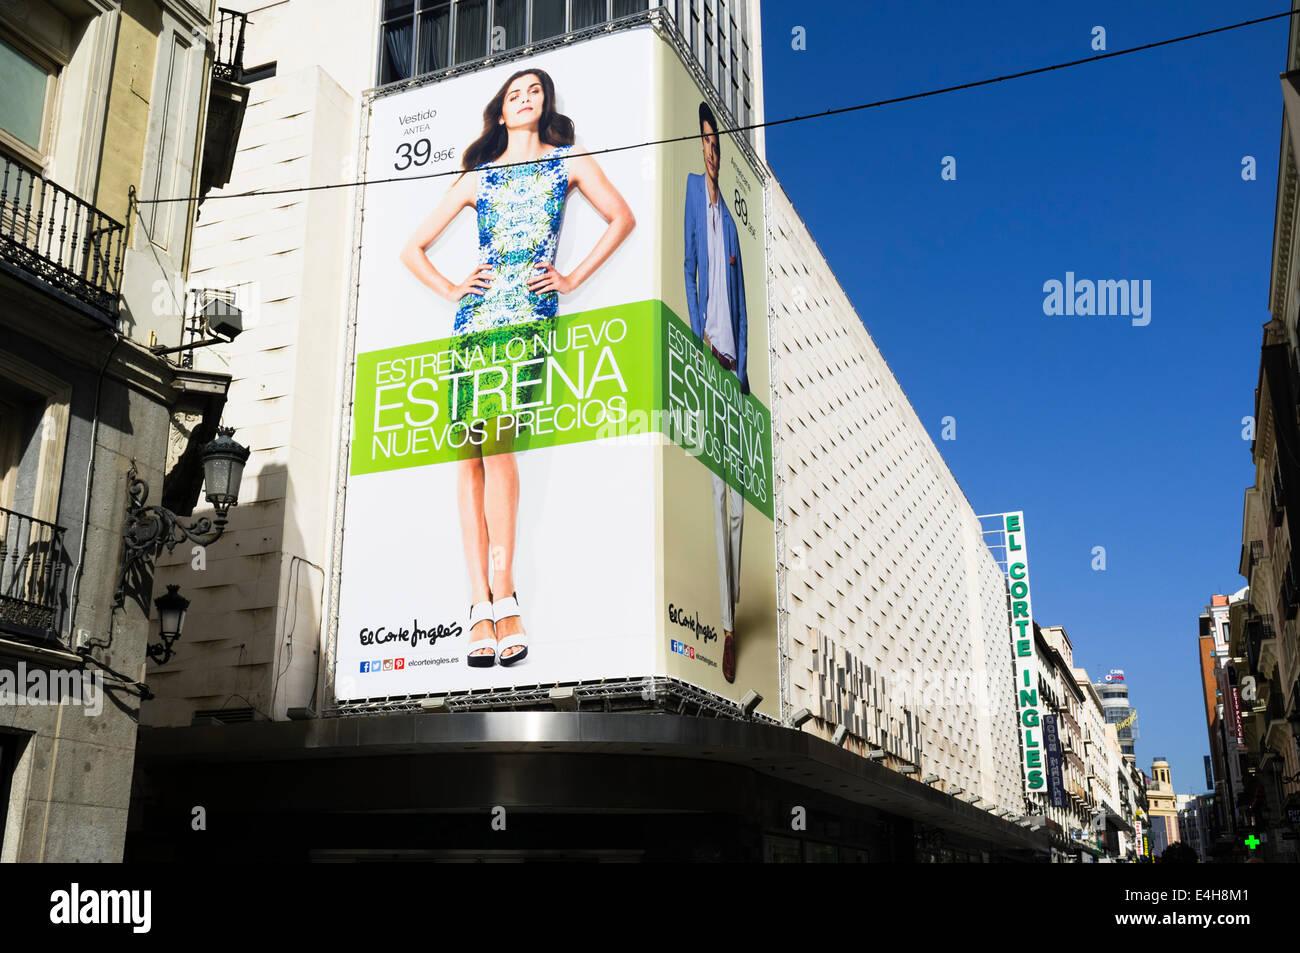 El corte ingles shopping mall at calle preciados madrid for Corte ingles preciados